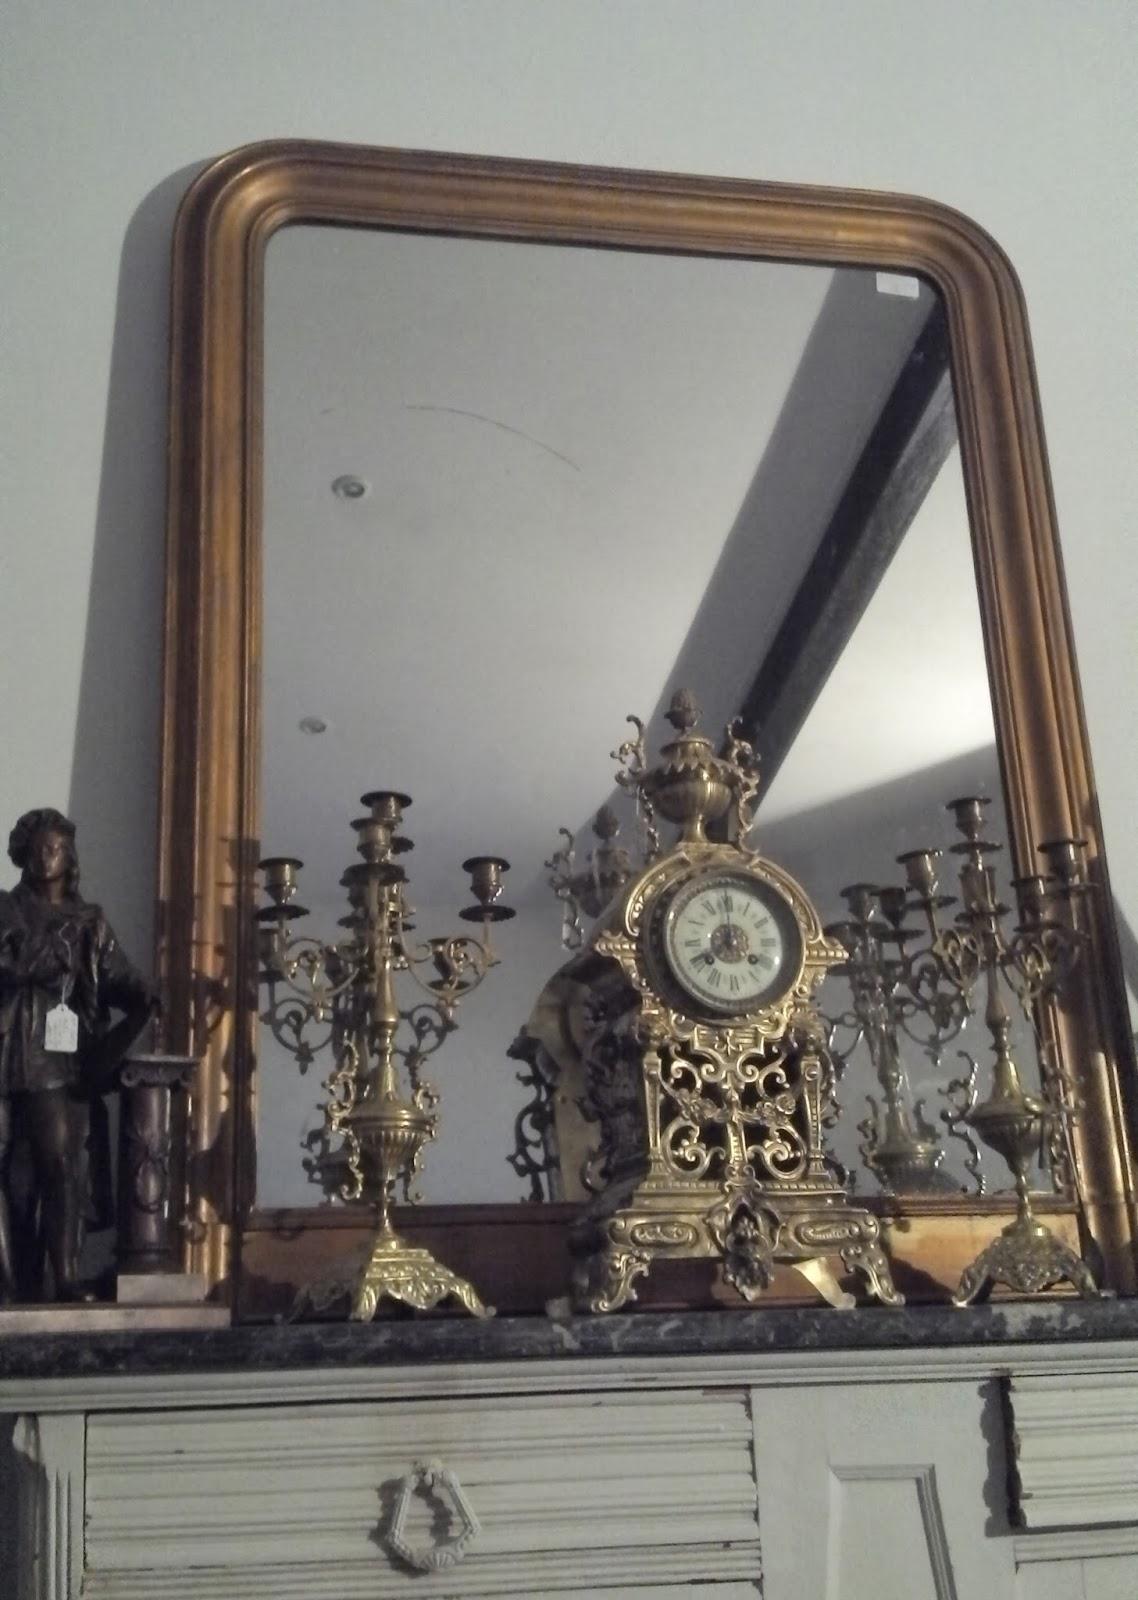 ancien miroir 233 poque louis philippe dor 233 parure de chemin 233 e xixeme antique frenc ebay